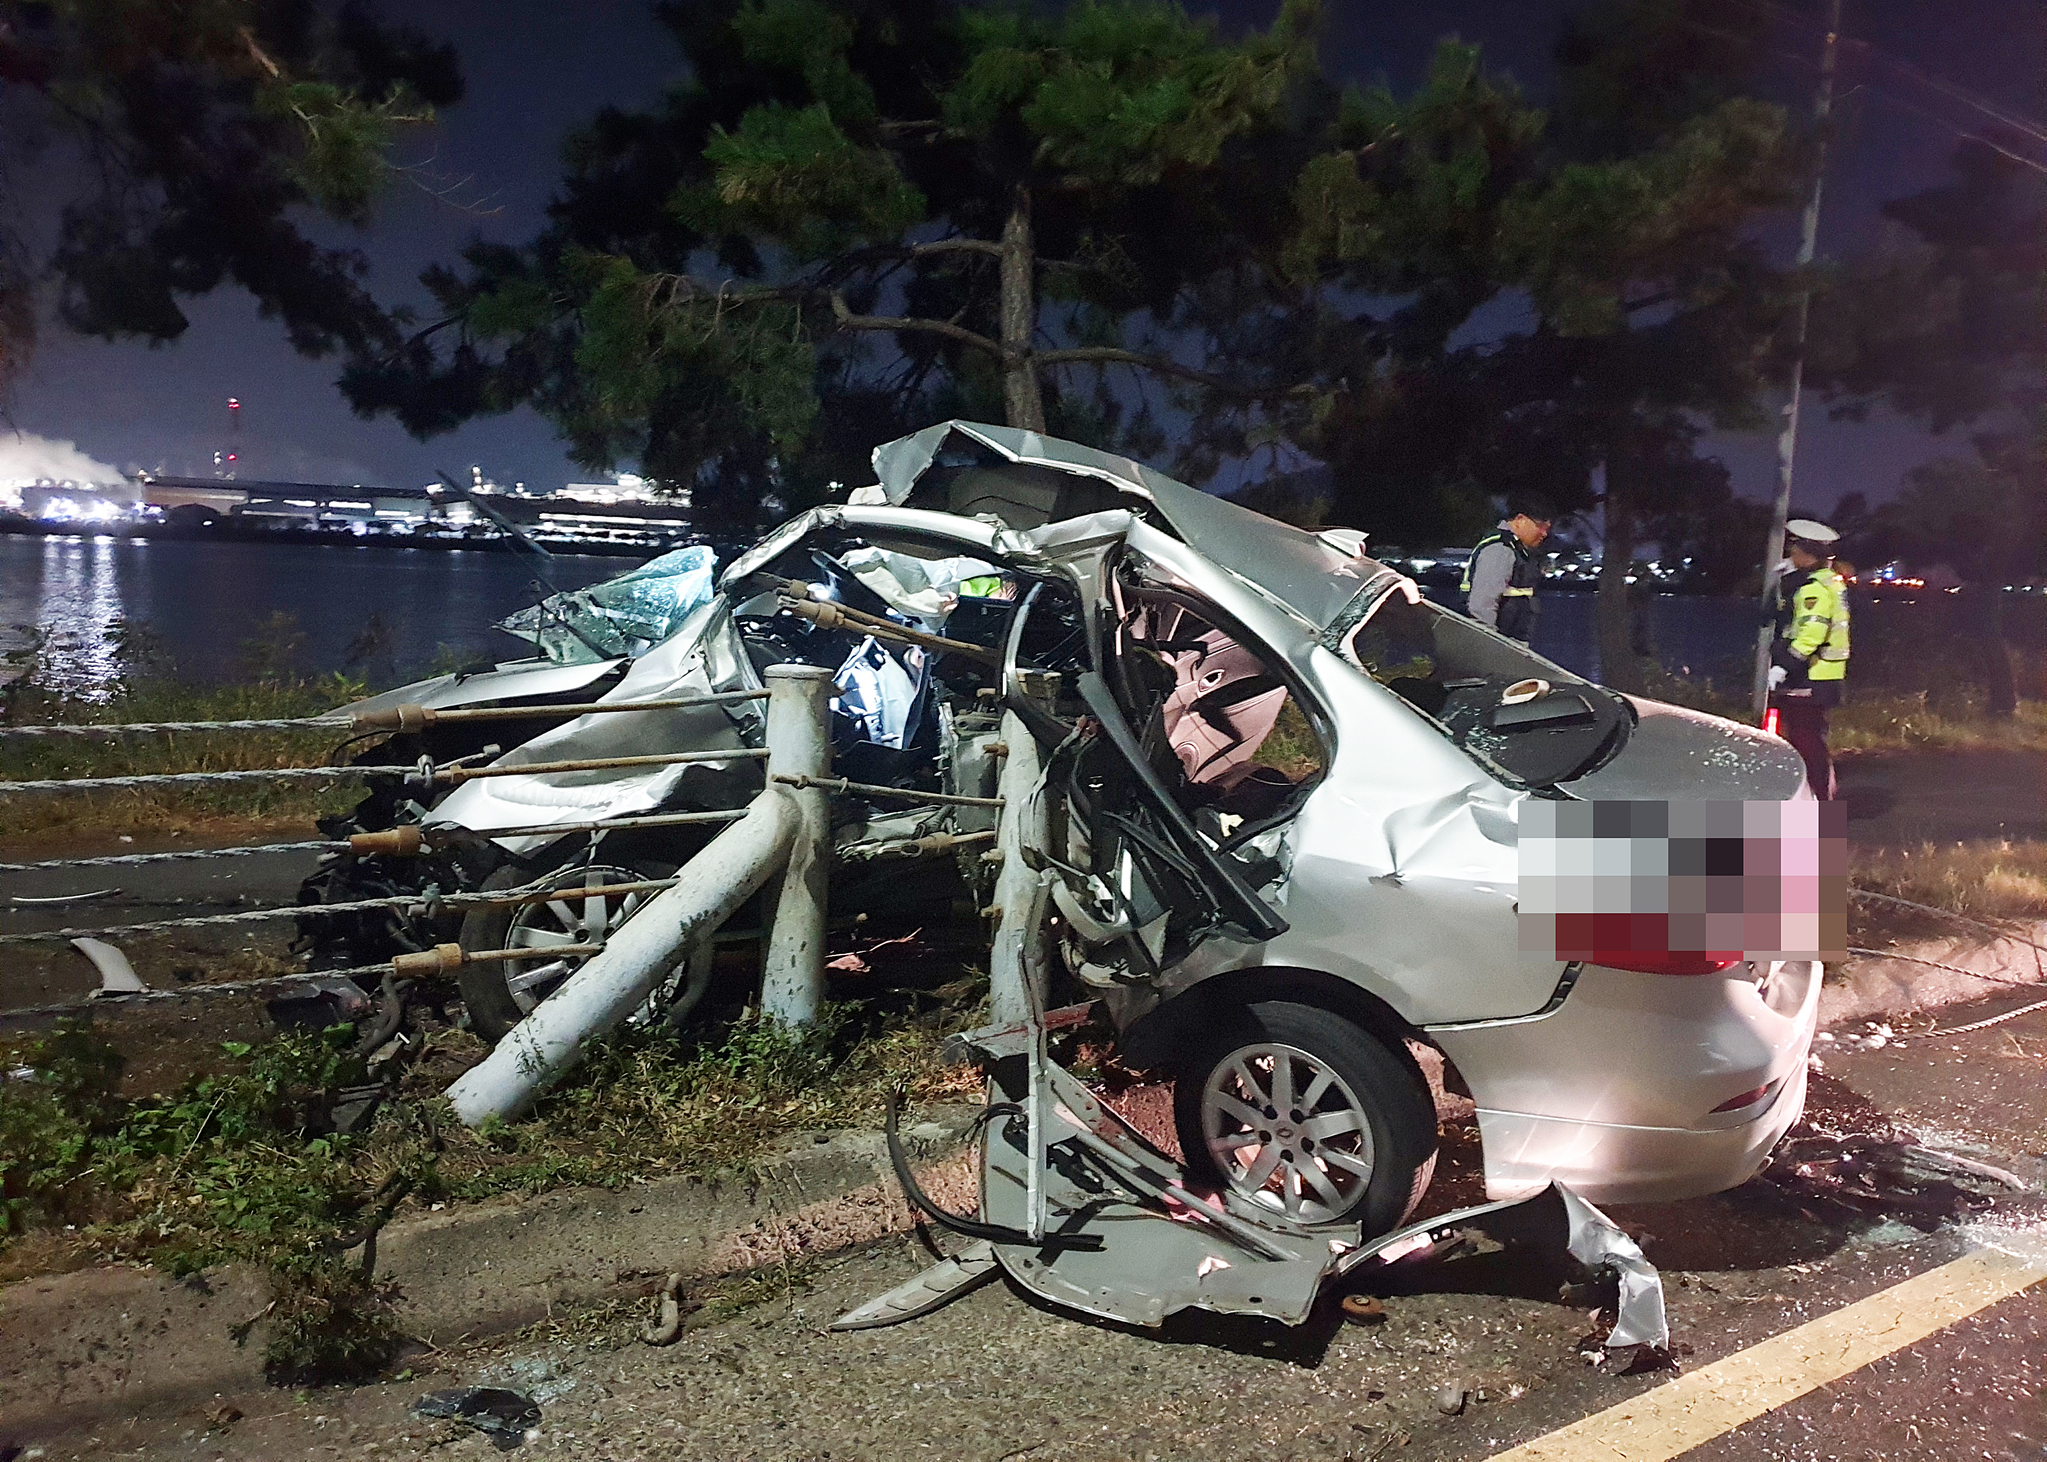 28일 오전 2시40분 쯤 울산 북구 아산로에서 성내삼거리 방면으로 달리던 뉴SM3 승용차가 도로변 가드레일과 연석 등 구조물과 충돌해 파손돼 있다. [뉴스1]